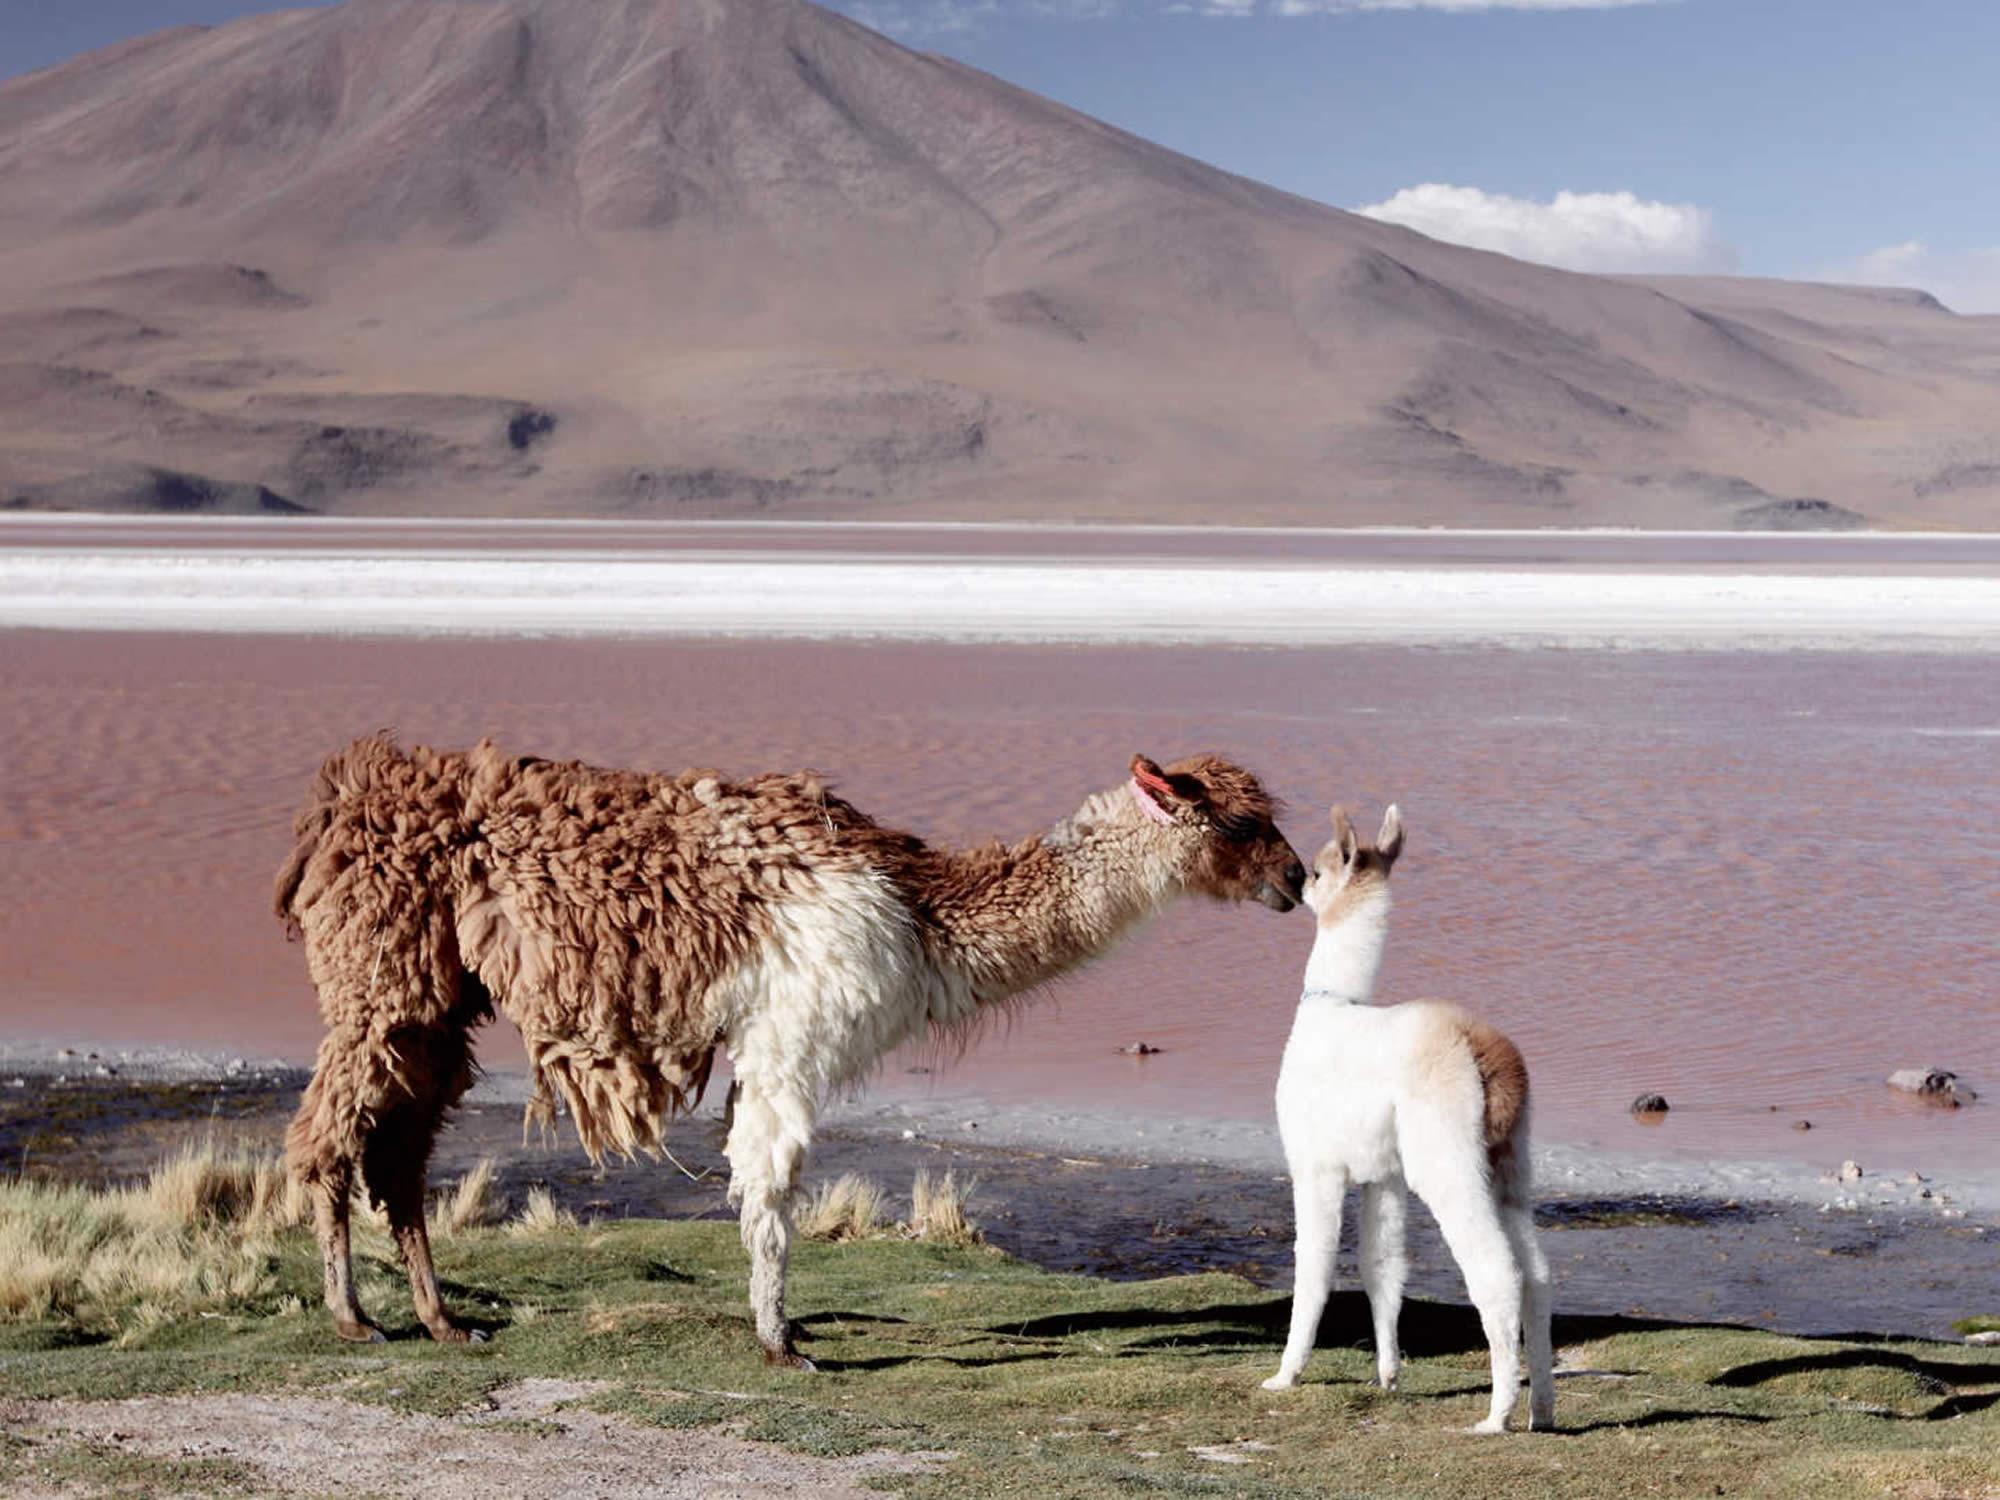 Llama family at the Red Lagoon